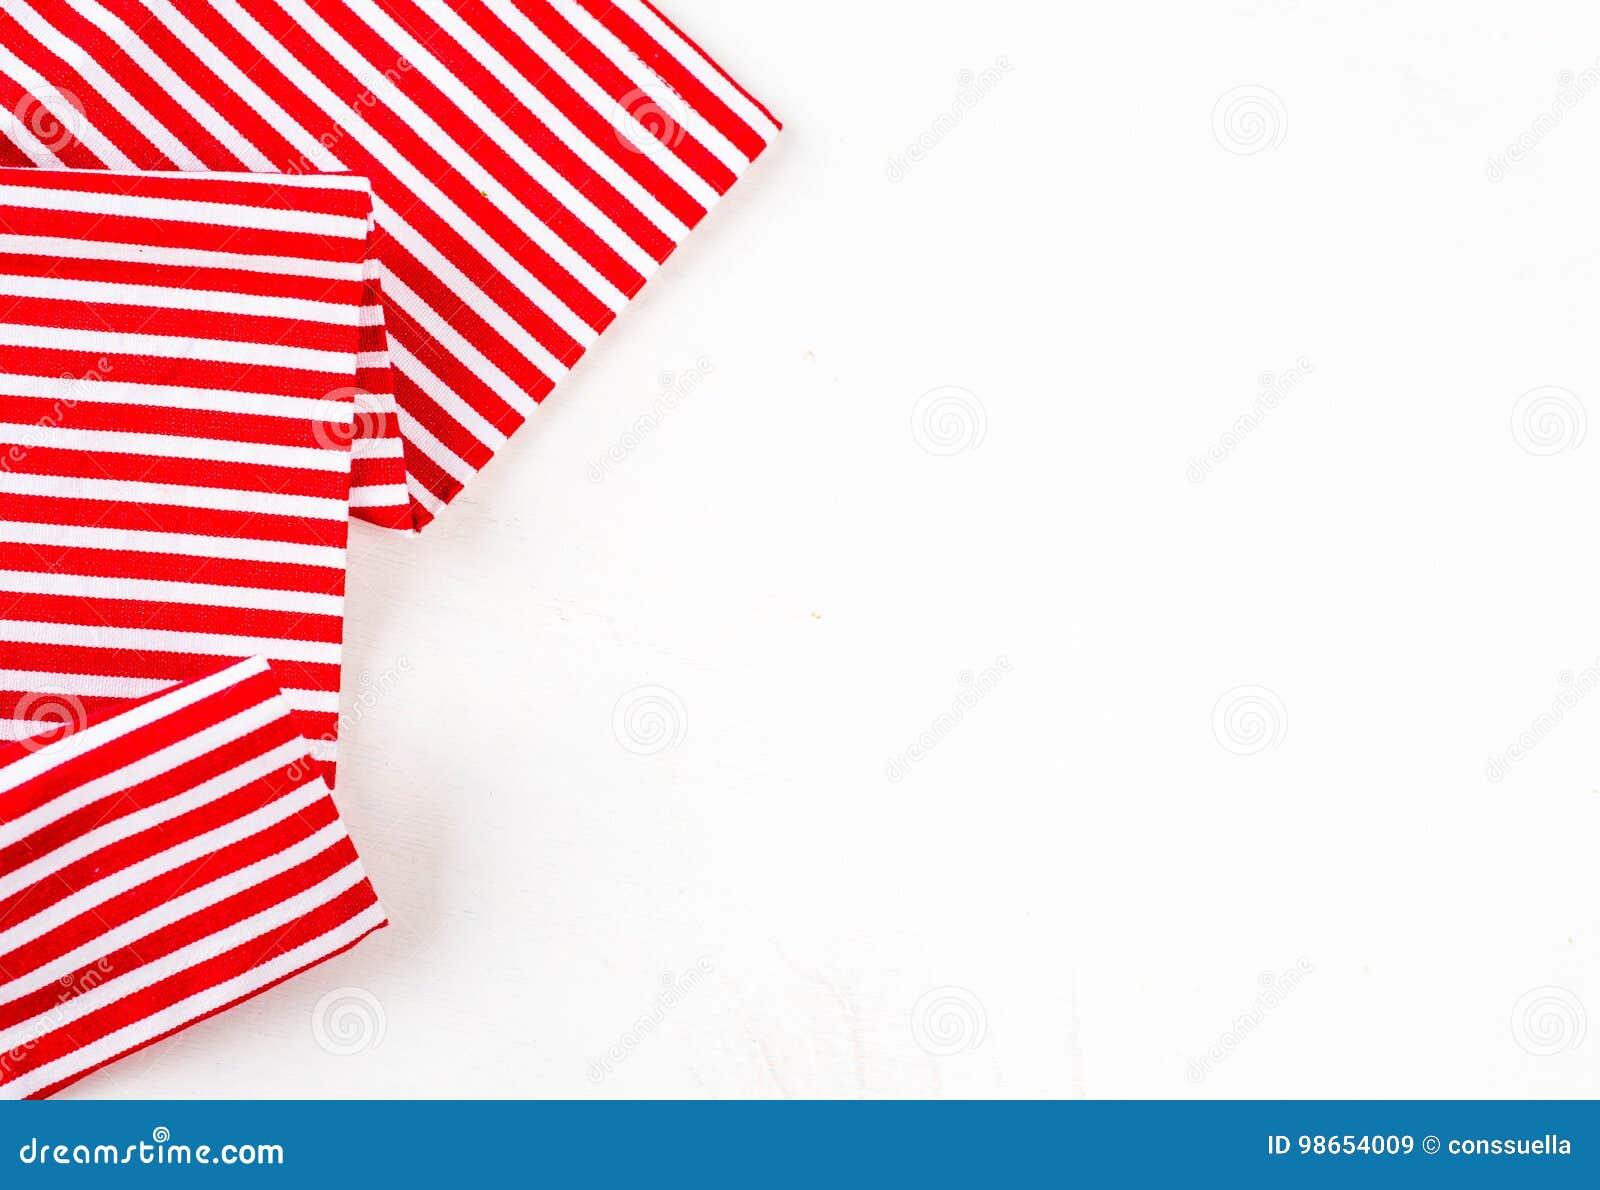 Modeles De Cuisine En Bois Rouge textile rouge, serviette, nappe sur la table de cuisine en